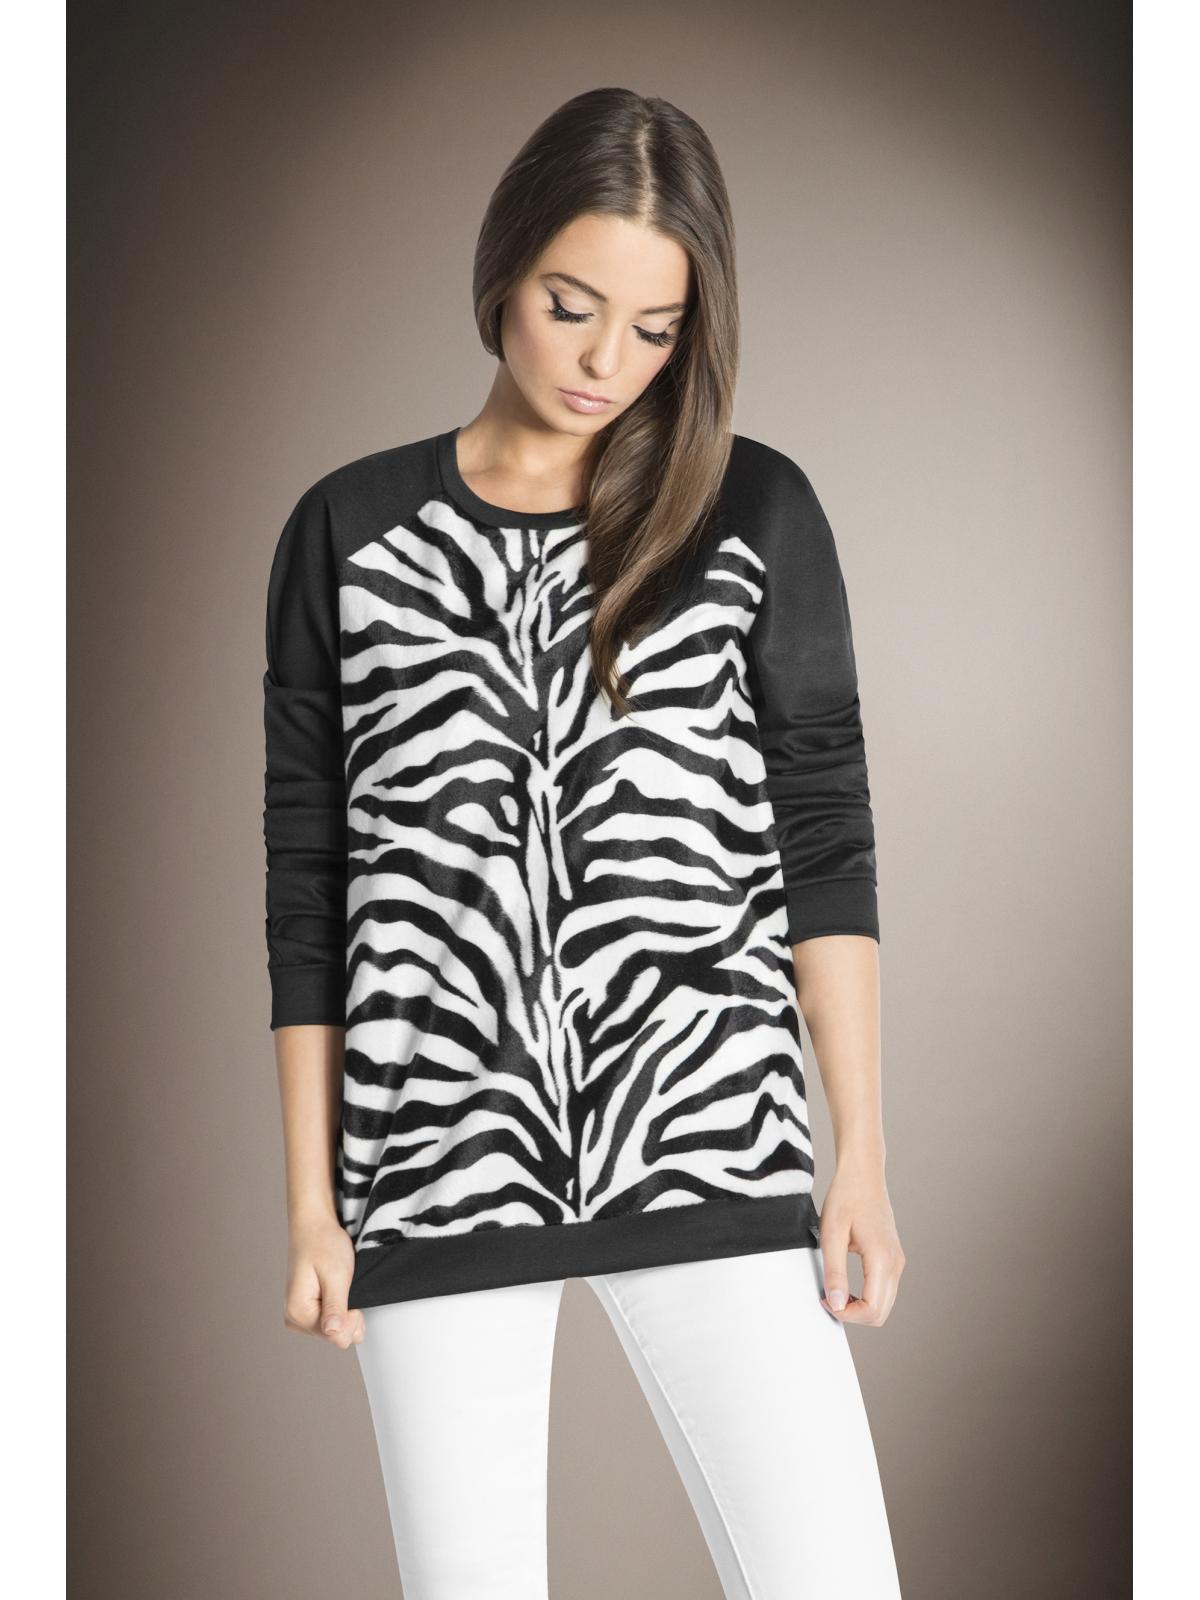 Zebra Sweatshirt